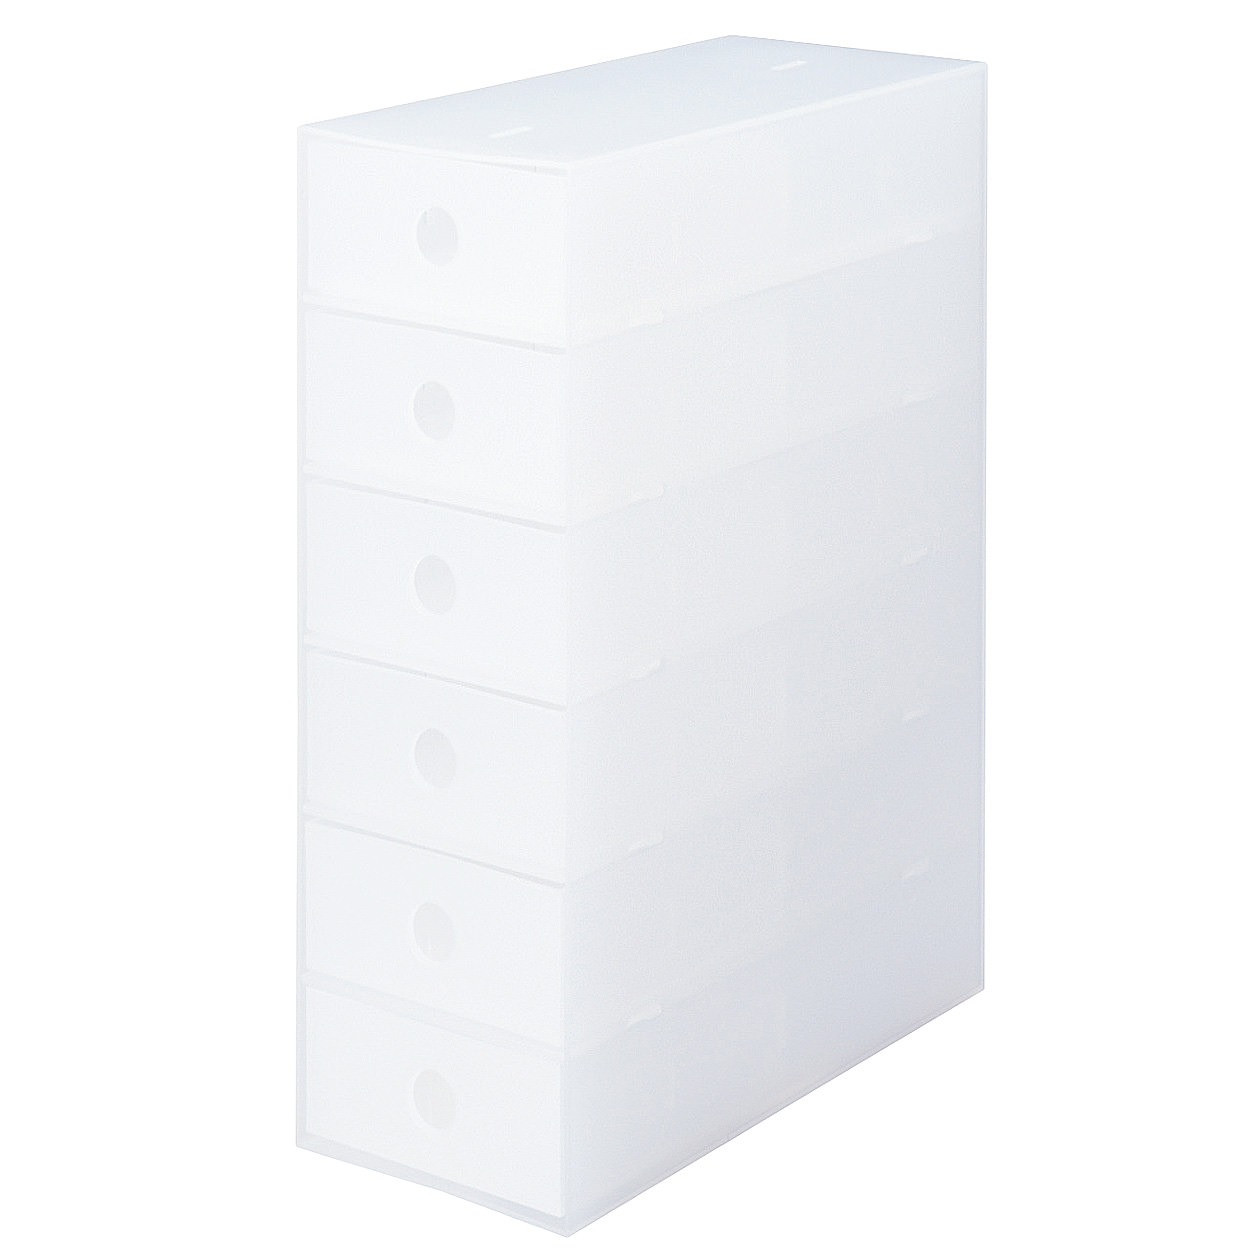 ポリプロピレン小物収納ボックス6段